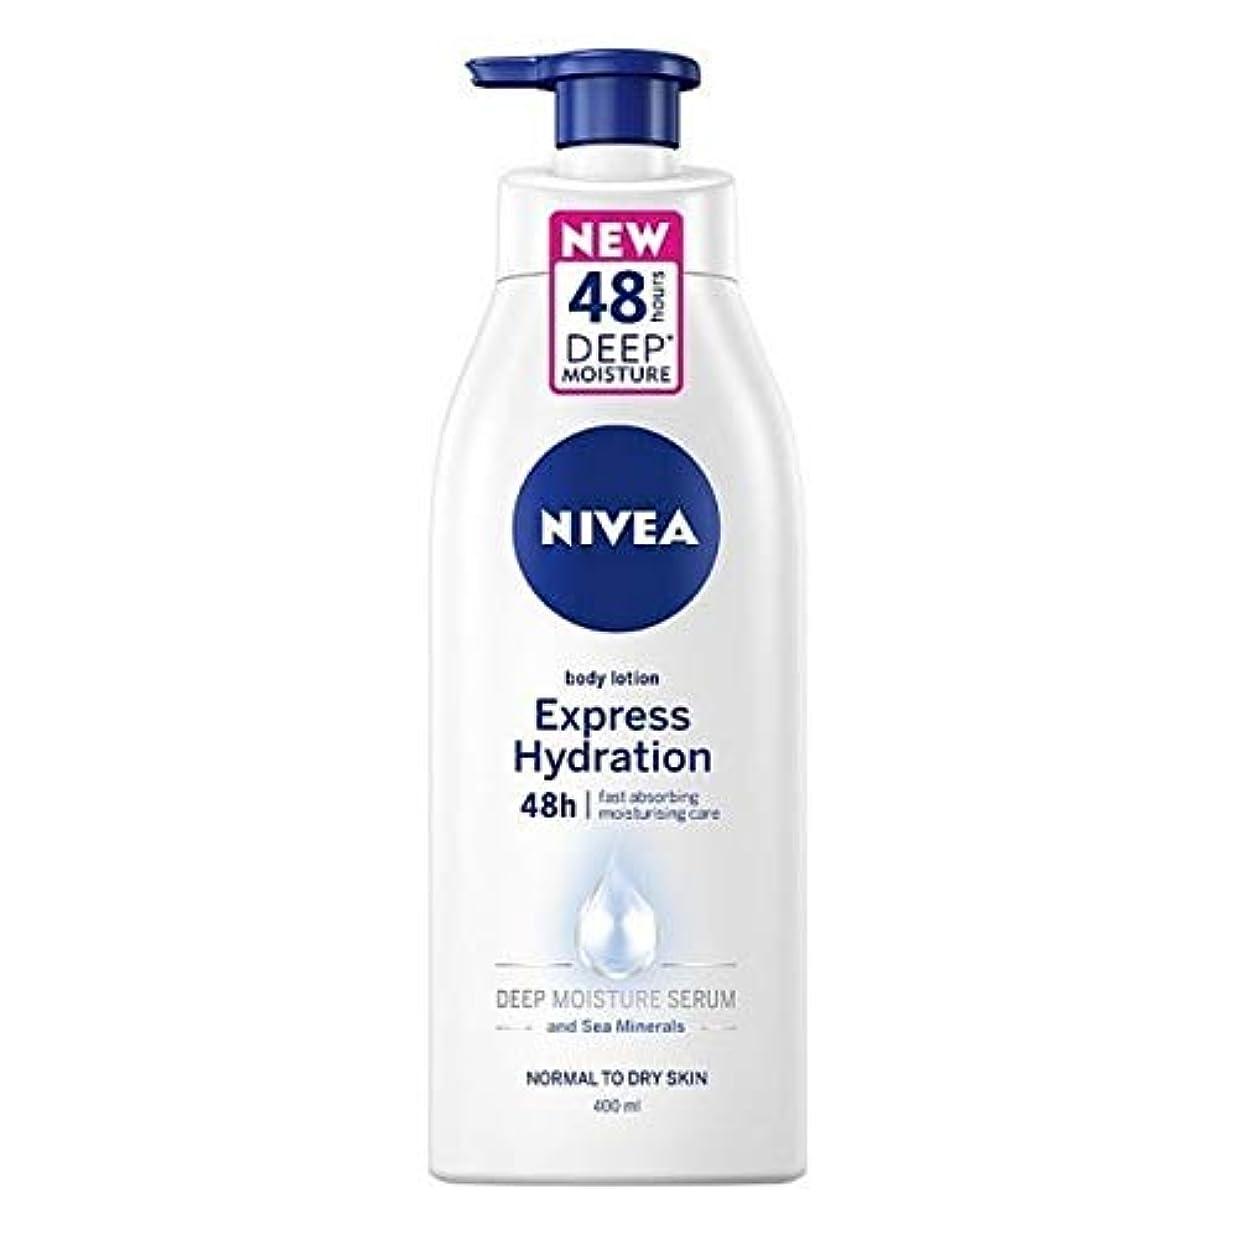 召喚する売上高トラップ[Nivea ] 高速の急行水和ボディローション400ミリリットルを吸収ニベア - NIVEA Fast Absorbing Express Hydration Body Lotion 400ml [並行輸入品]